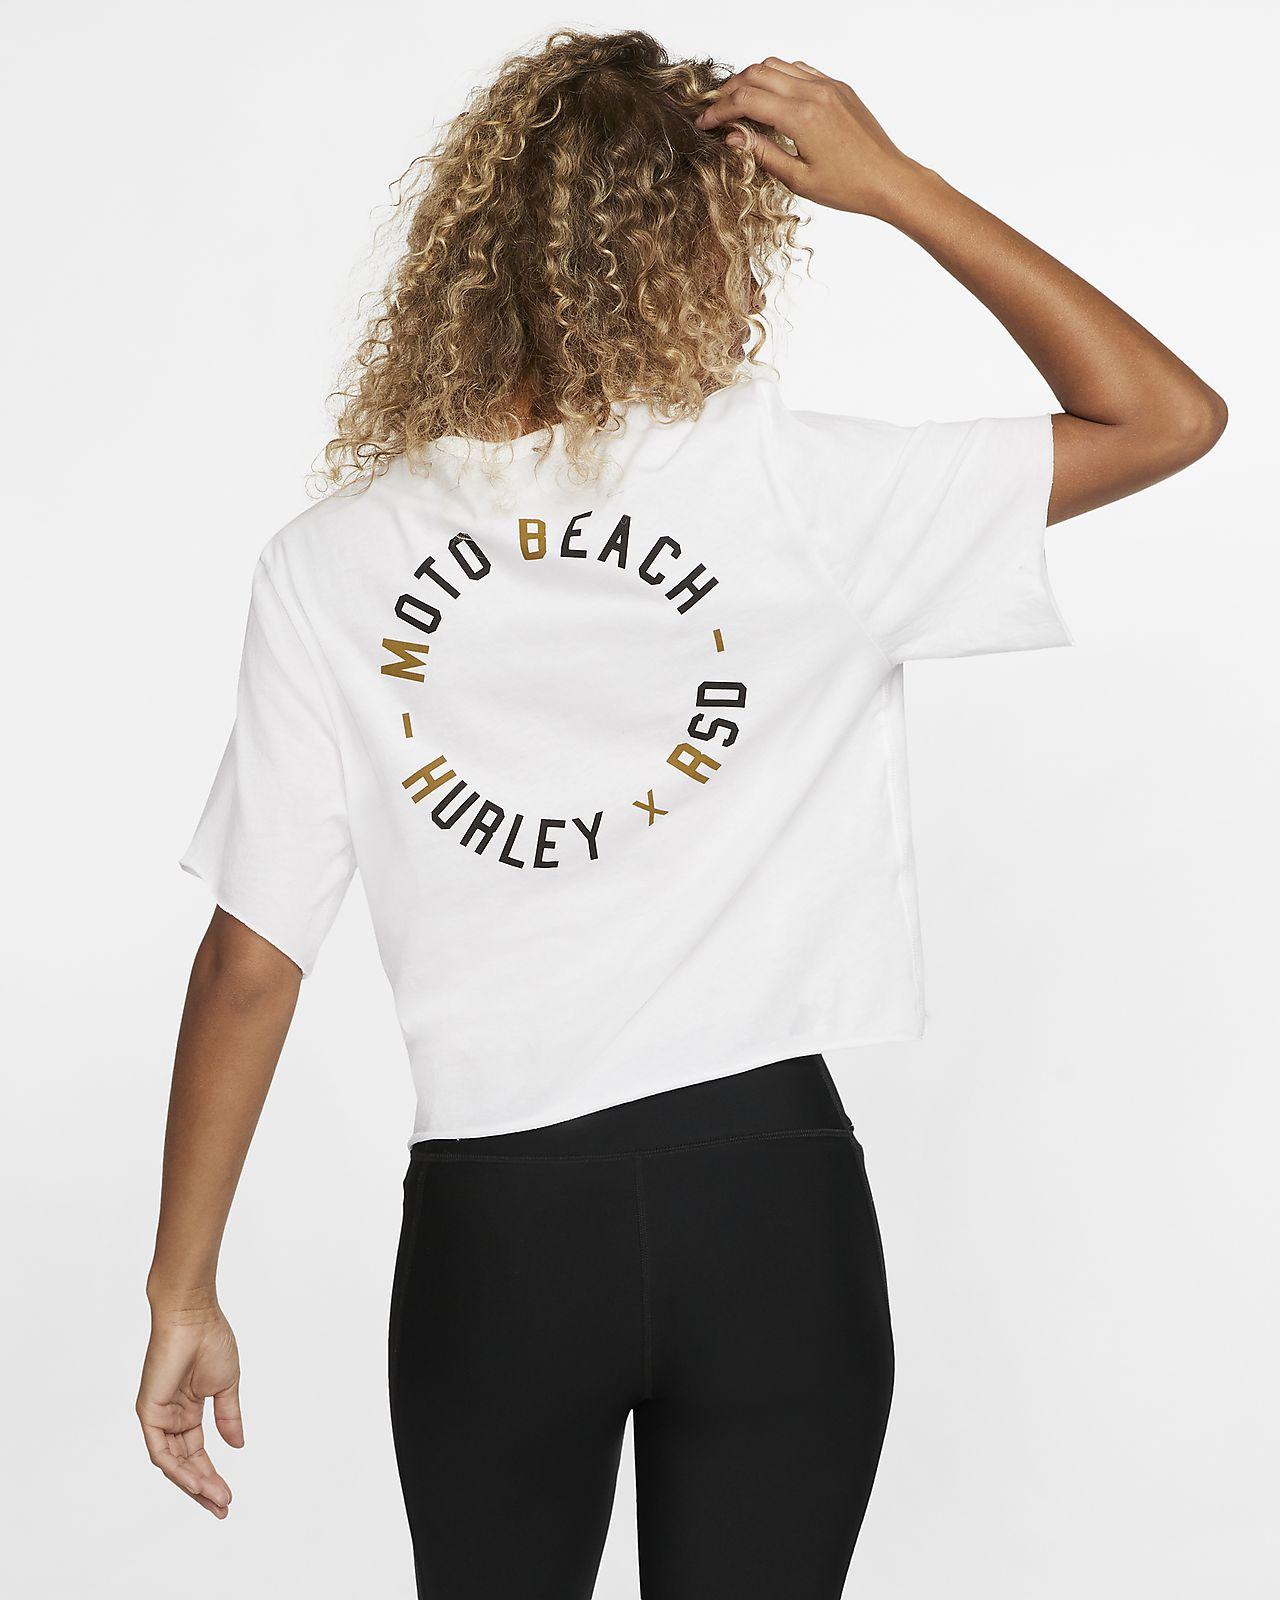 Hurley x Roland Sands Moto Beach Samarreta de coll rodó de disseny curt i màniga curta - Dona